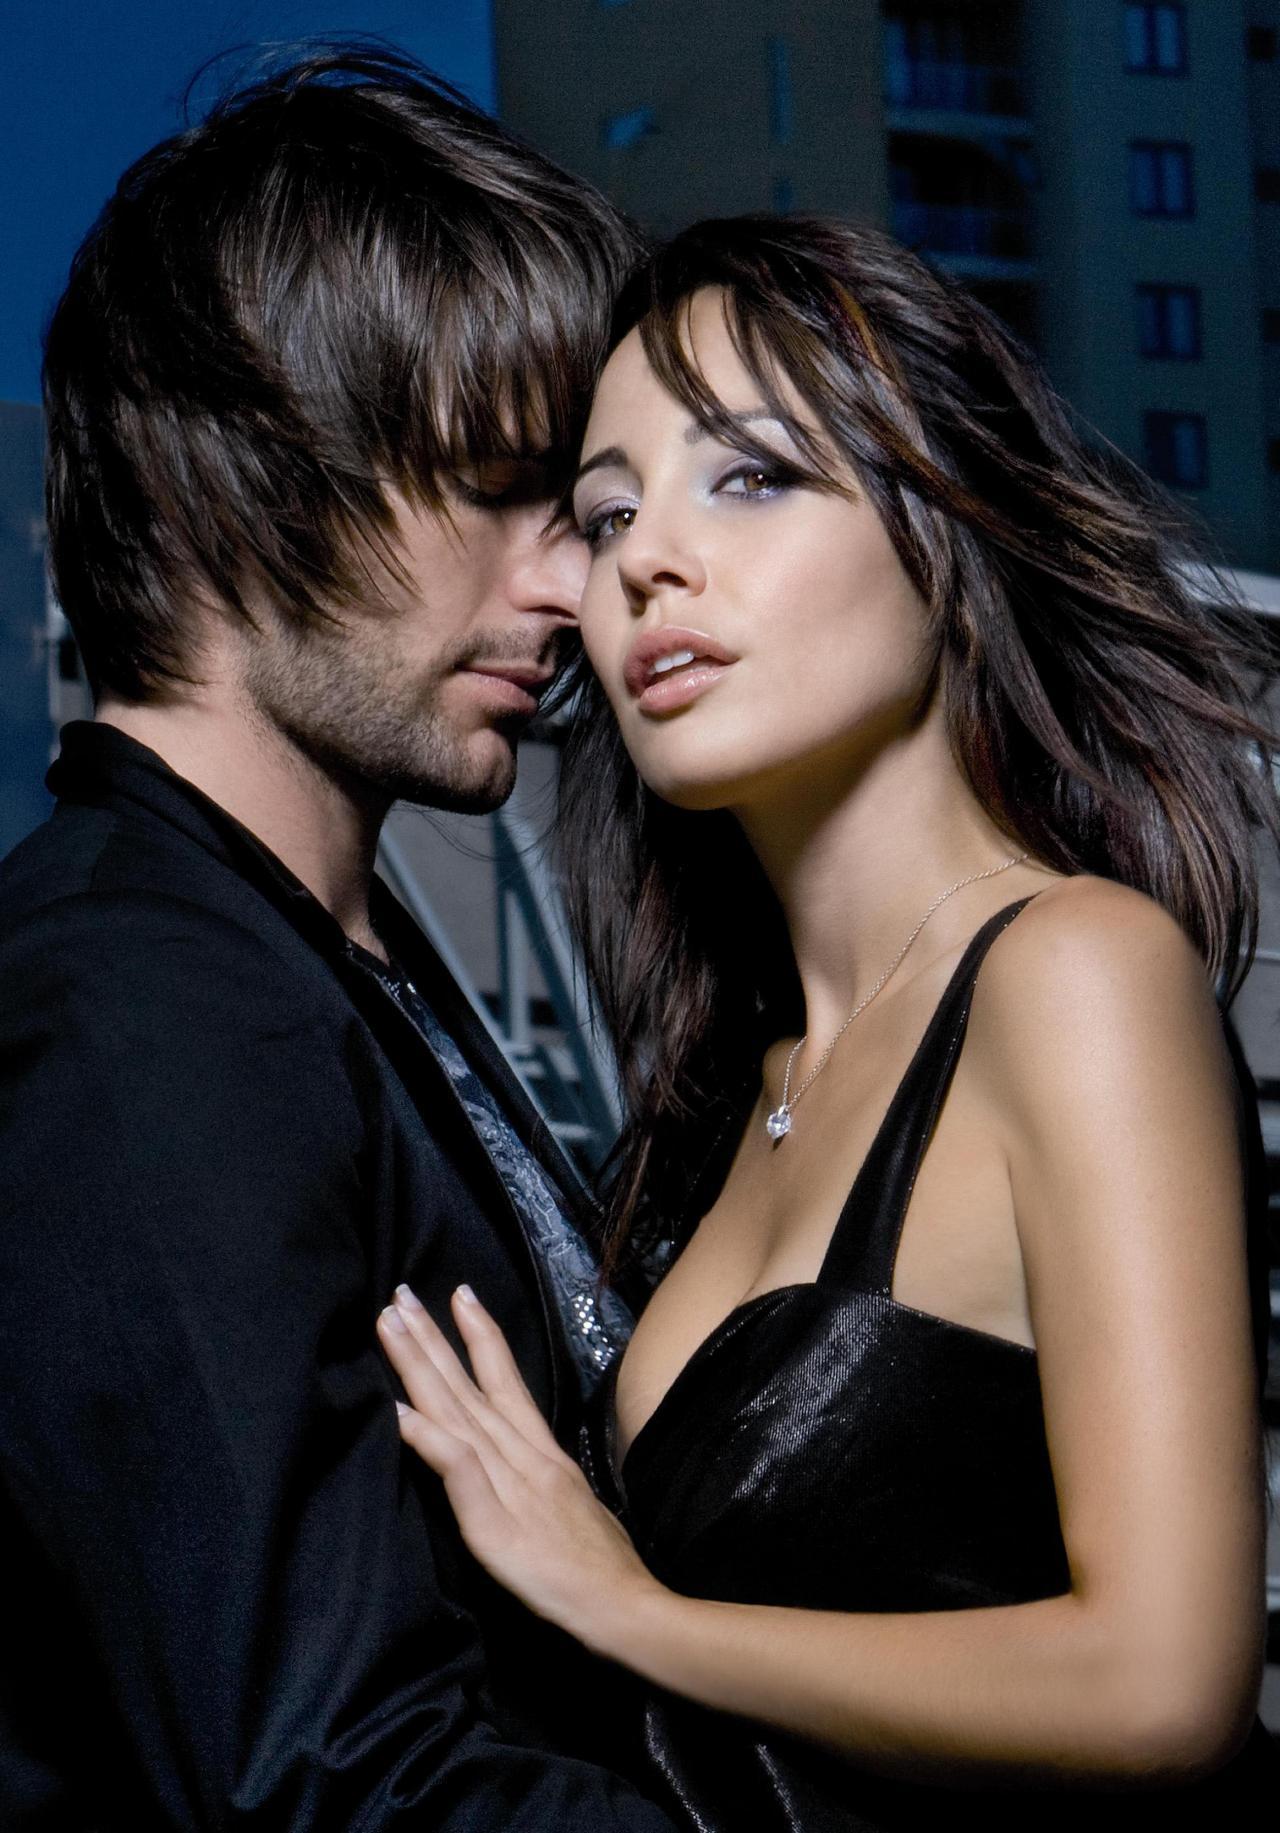 بالصور صور الحب الساخن , خلفيات رومانسية بين الاشخاص الحبيبة 3185 6